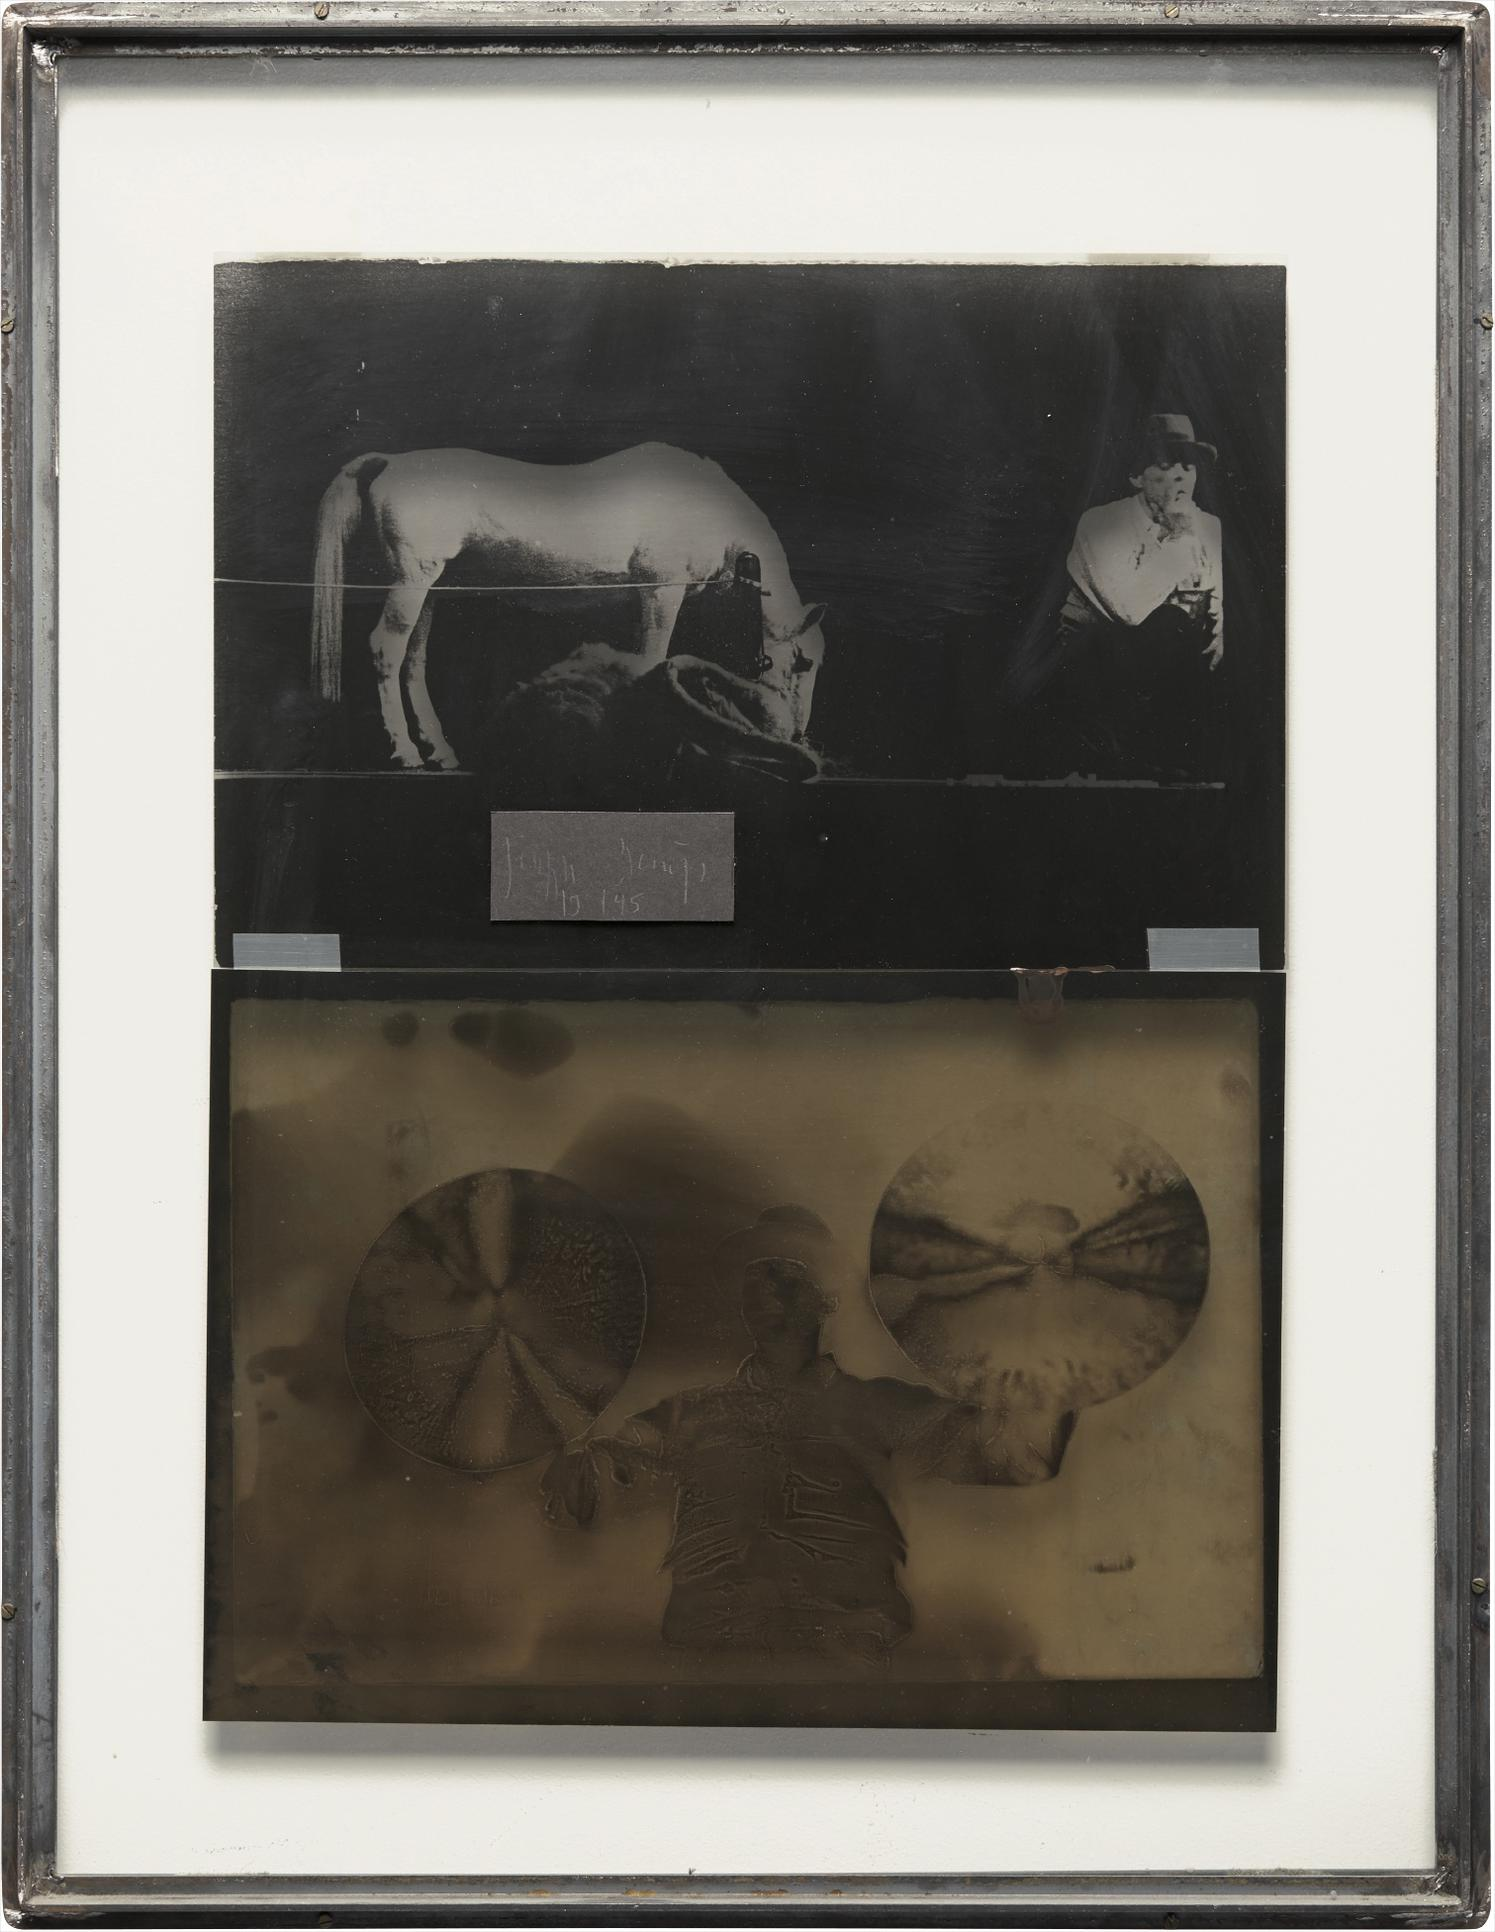 Joseph Beuys-Iphigenia/Titus Andronicus-1985